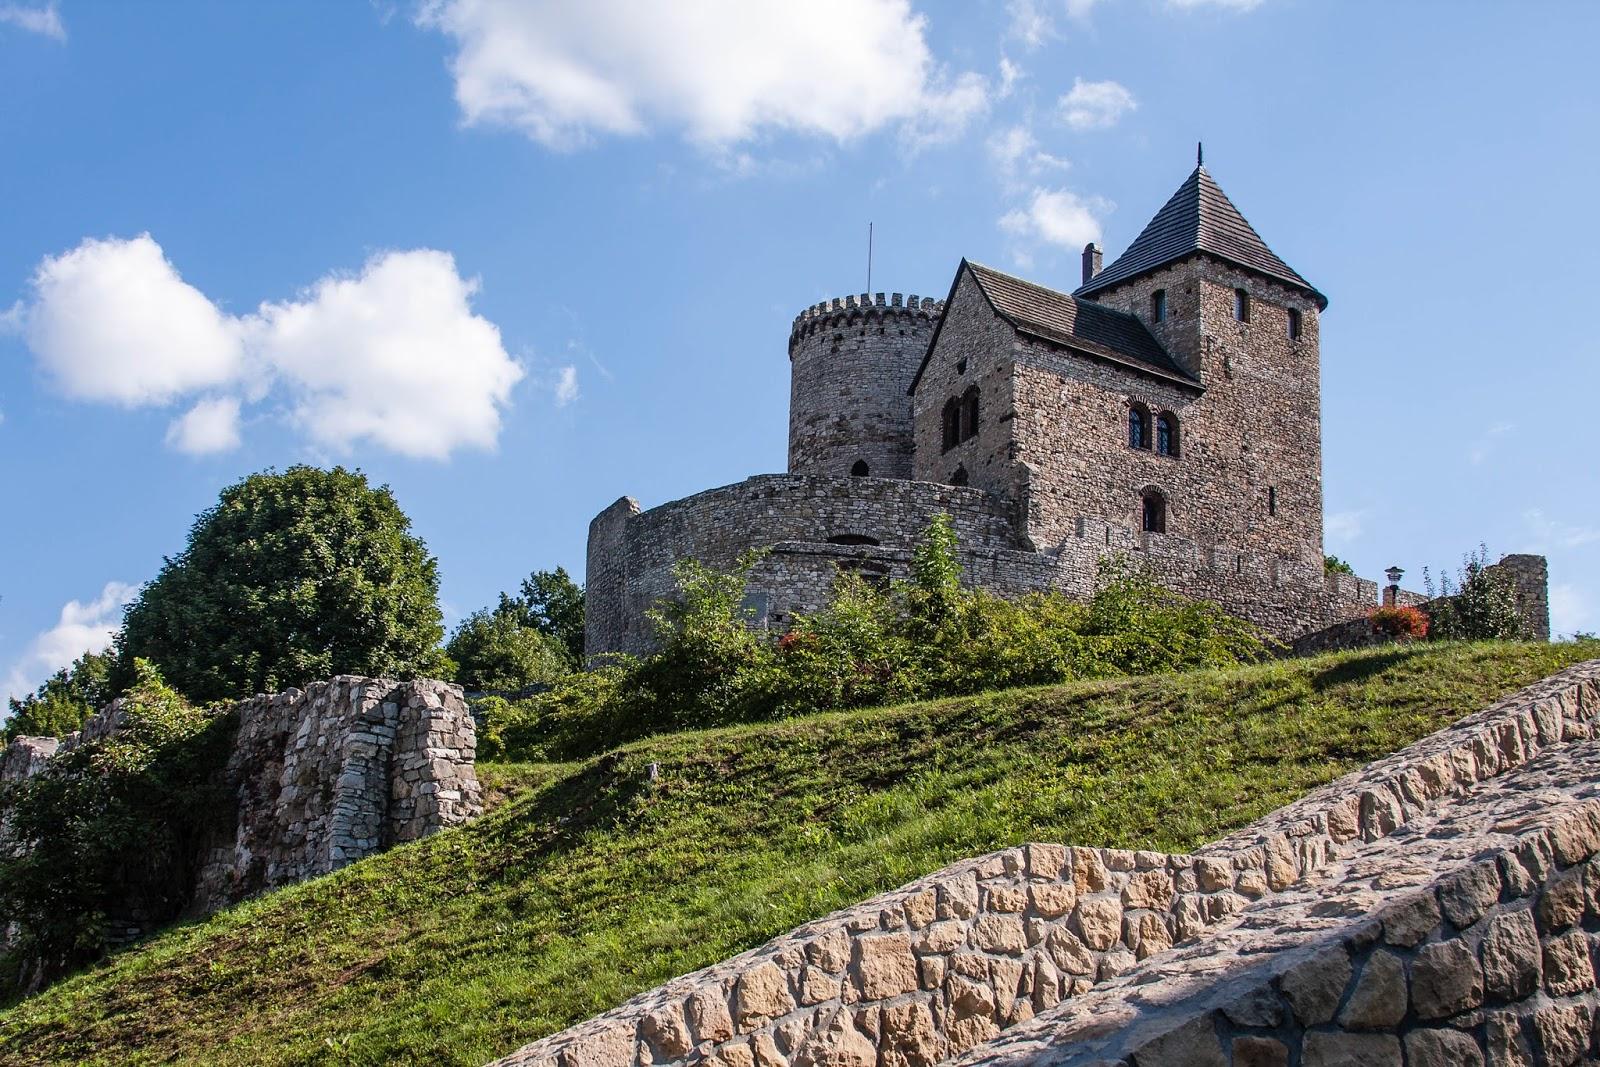 castle bedzin poland medieval - photo #27